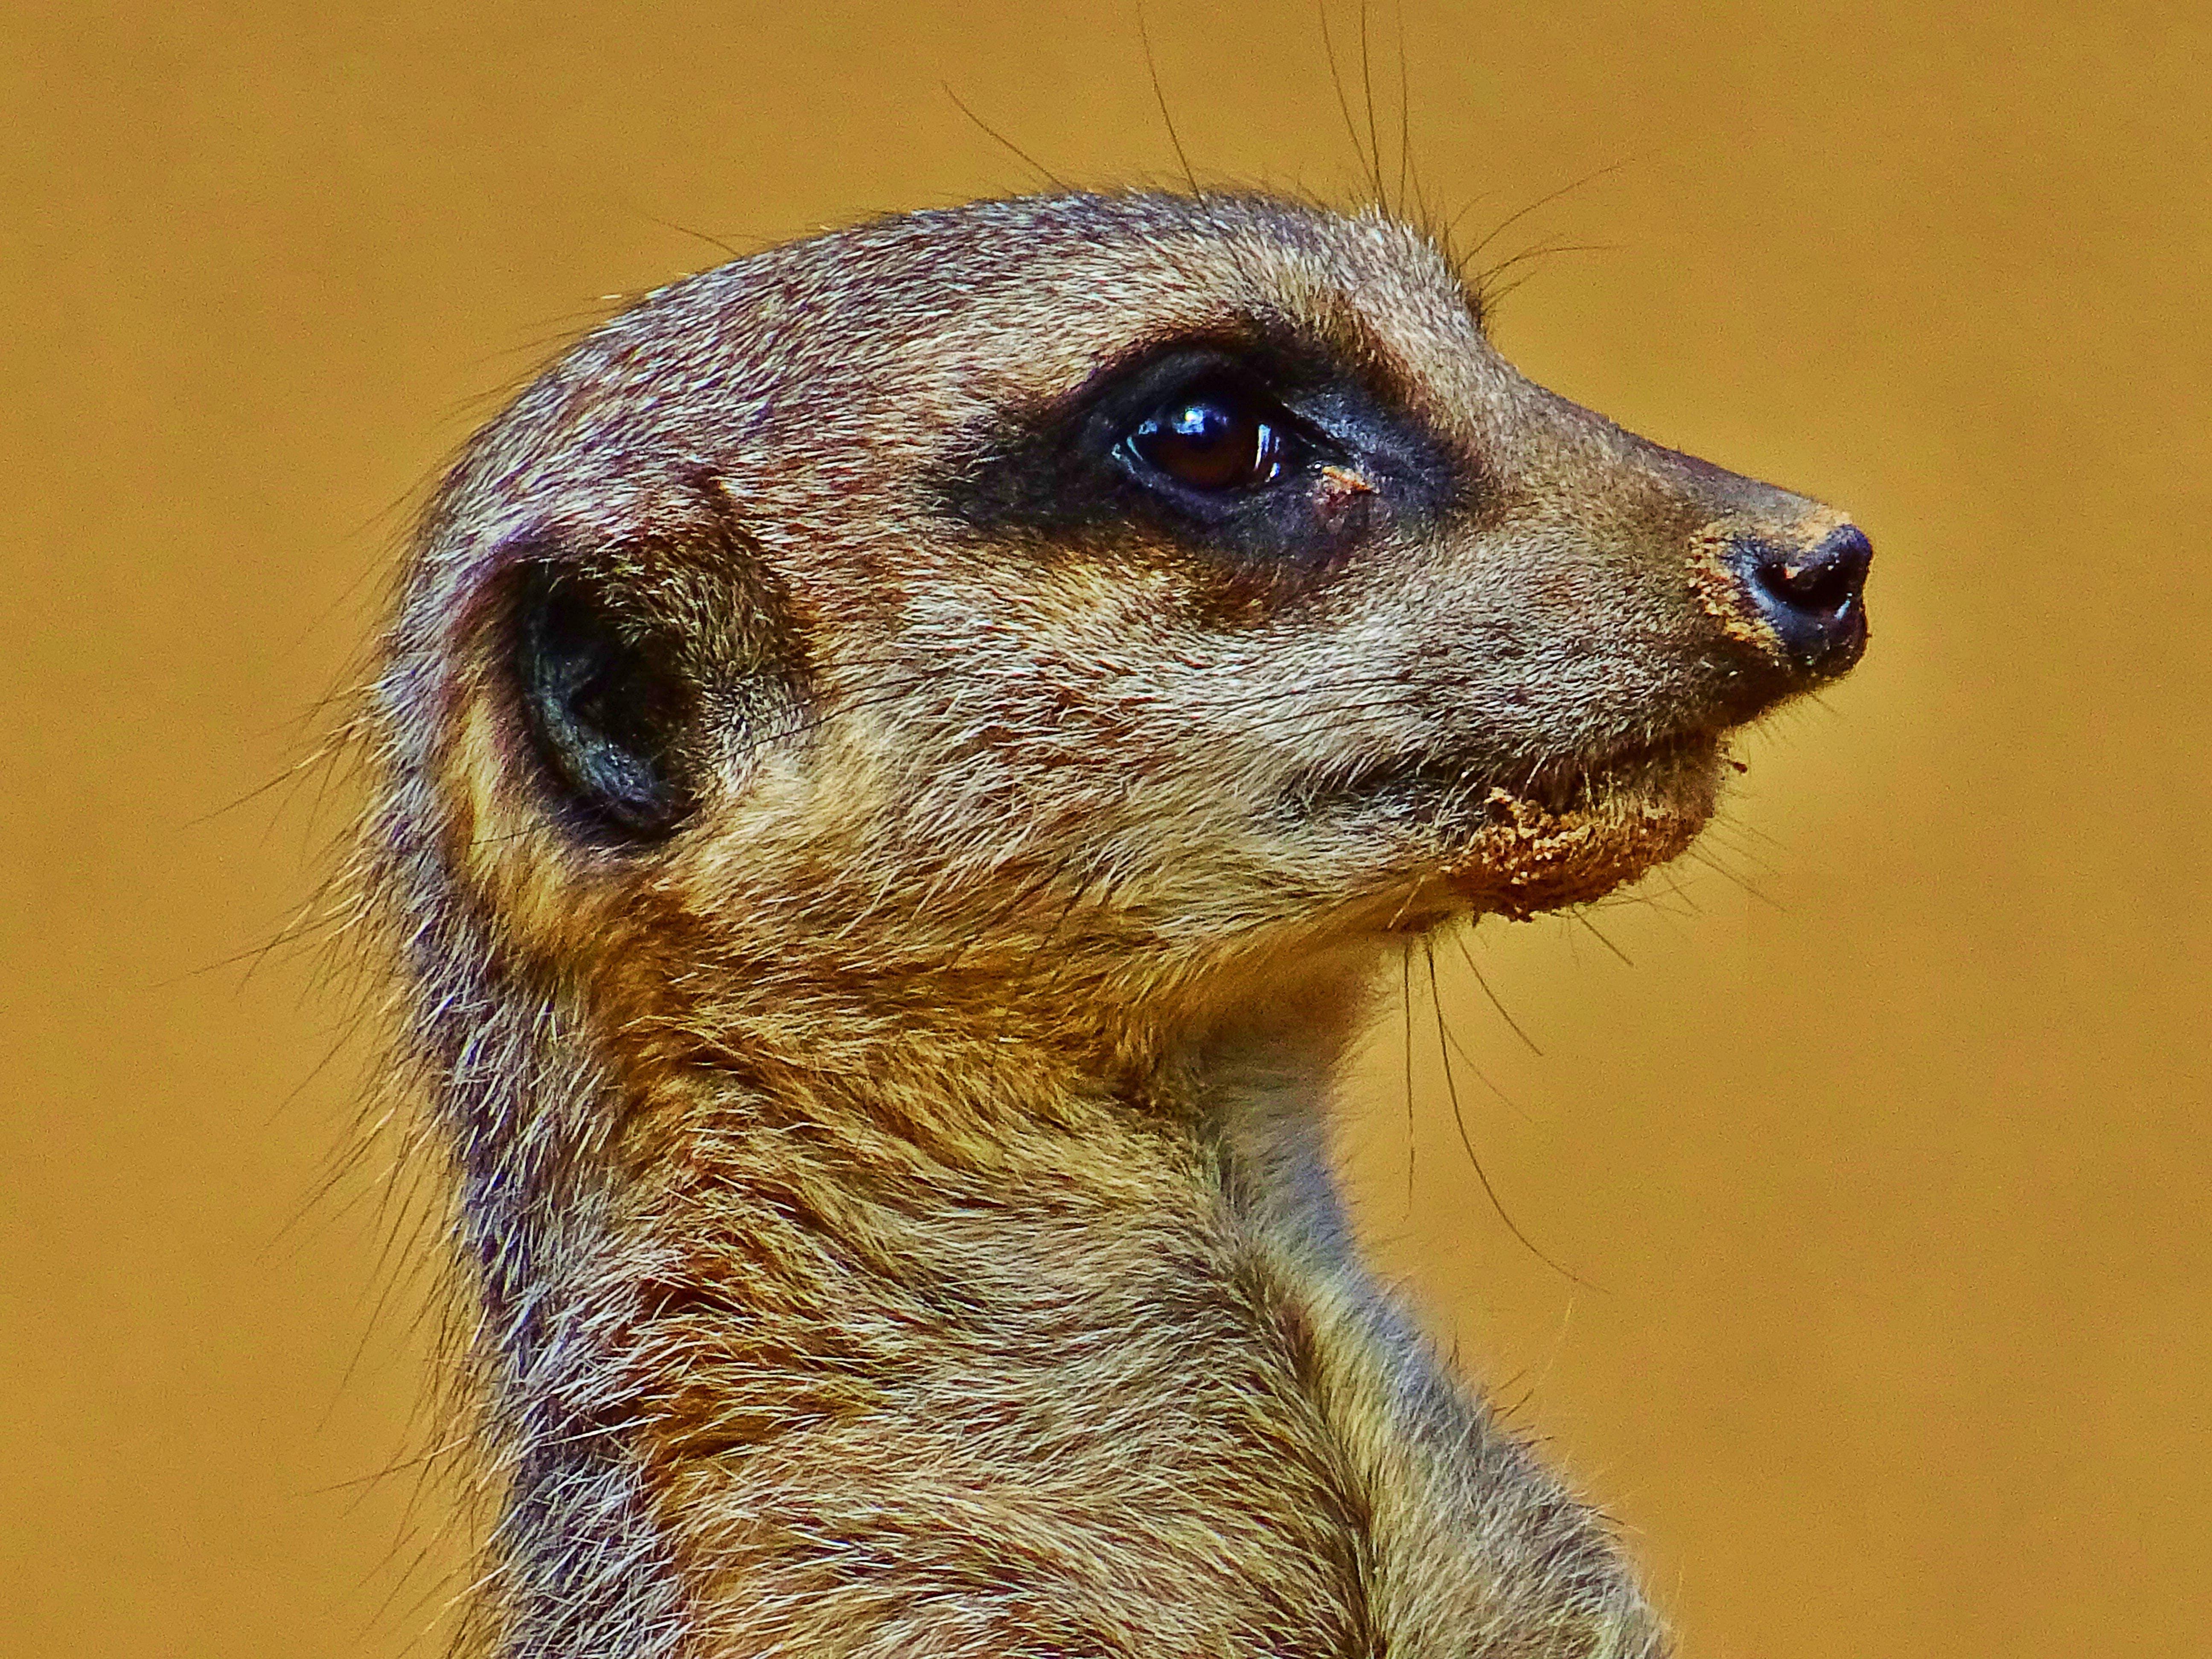 動物, 哺乳動物, 小, 暸望塔 的 免费素材照片